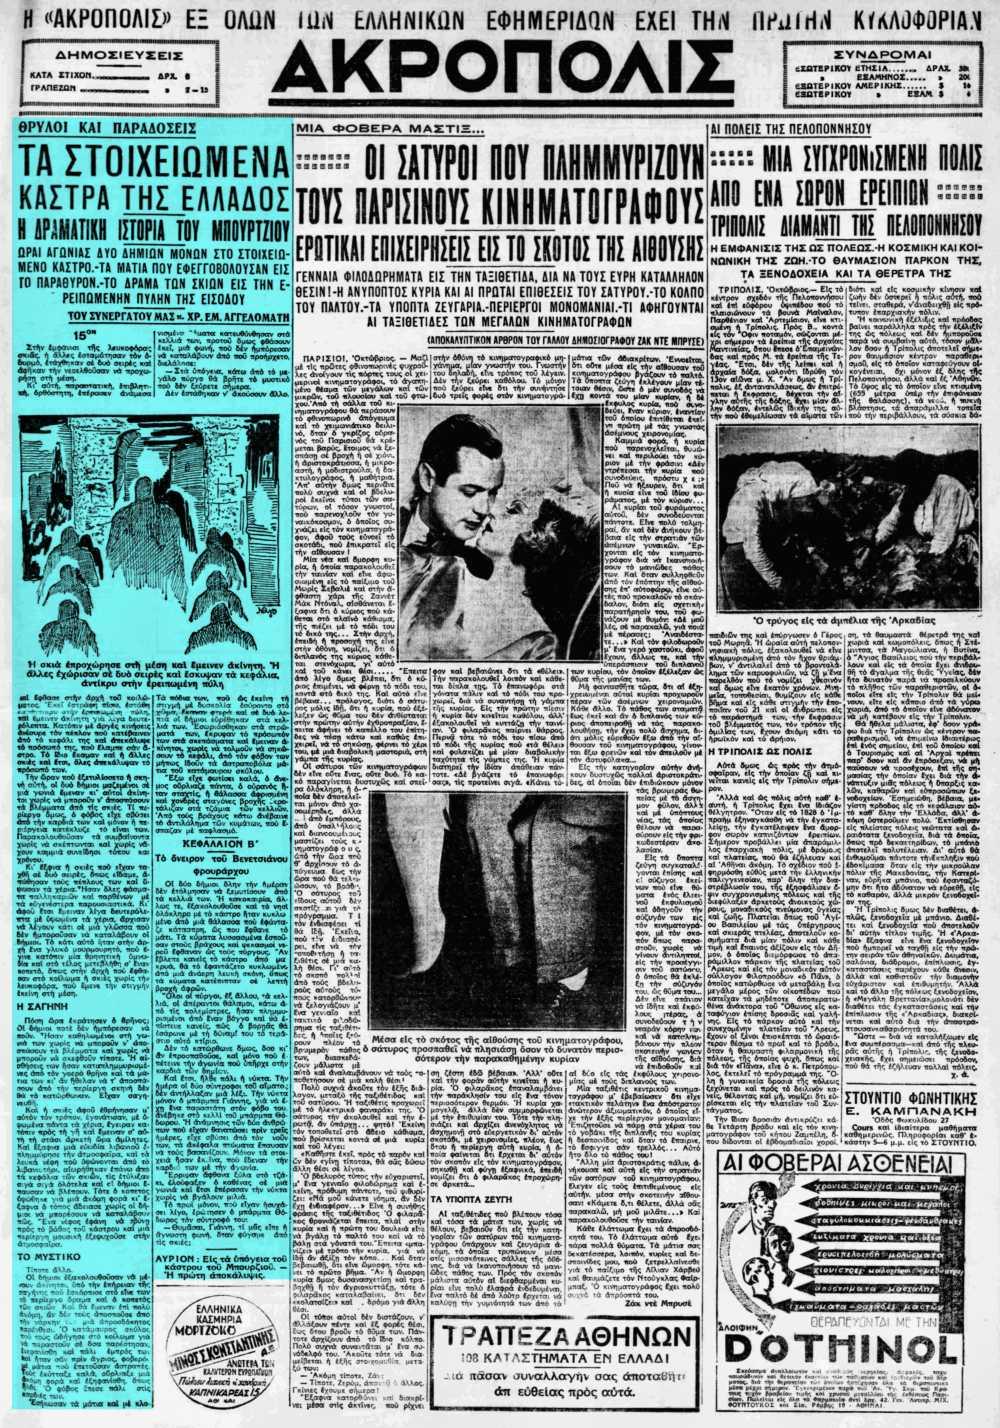 """Το άρθρο, όπως δημοσιεύθηκε στην εφημερίδα """"ΑΚΡΟΠΟΛΙΣ"""", στις 13/10/1932"""